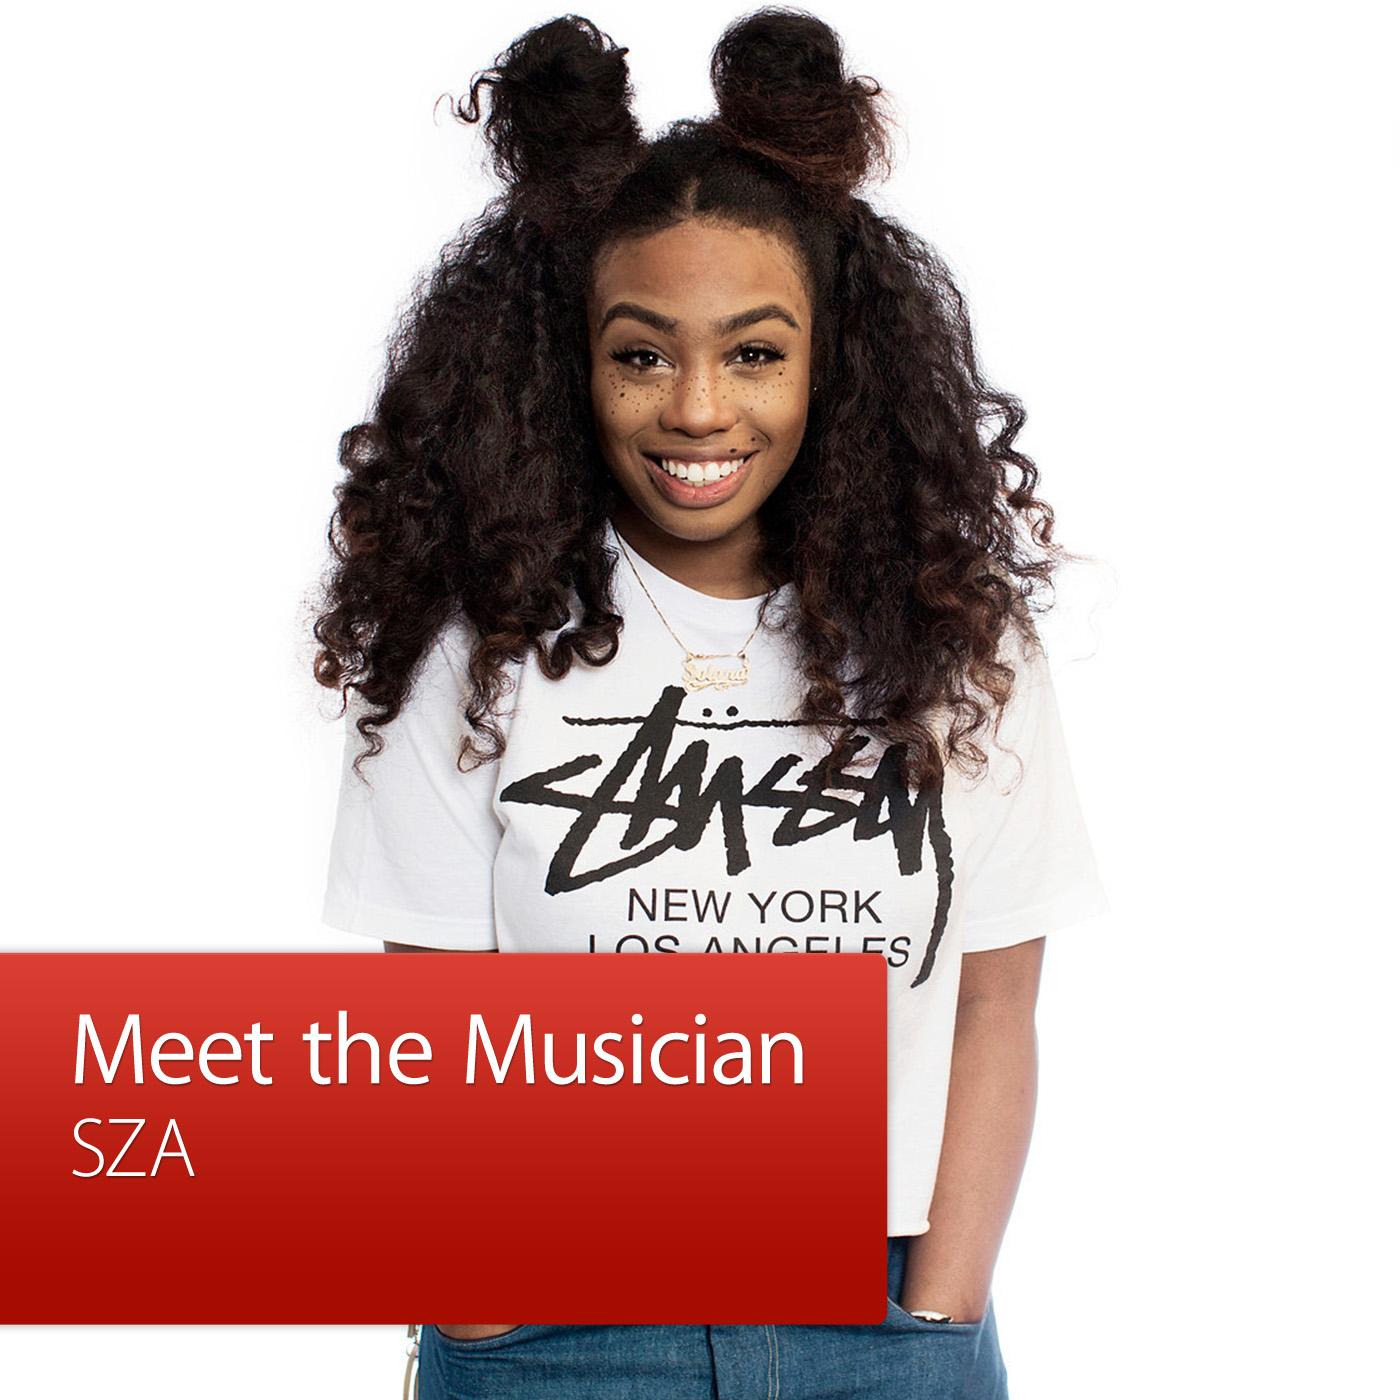 SZA: Meet the Musician